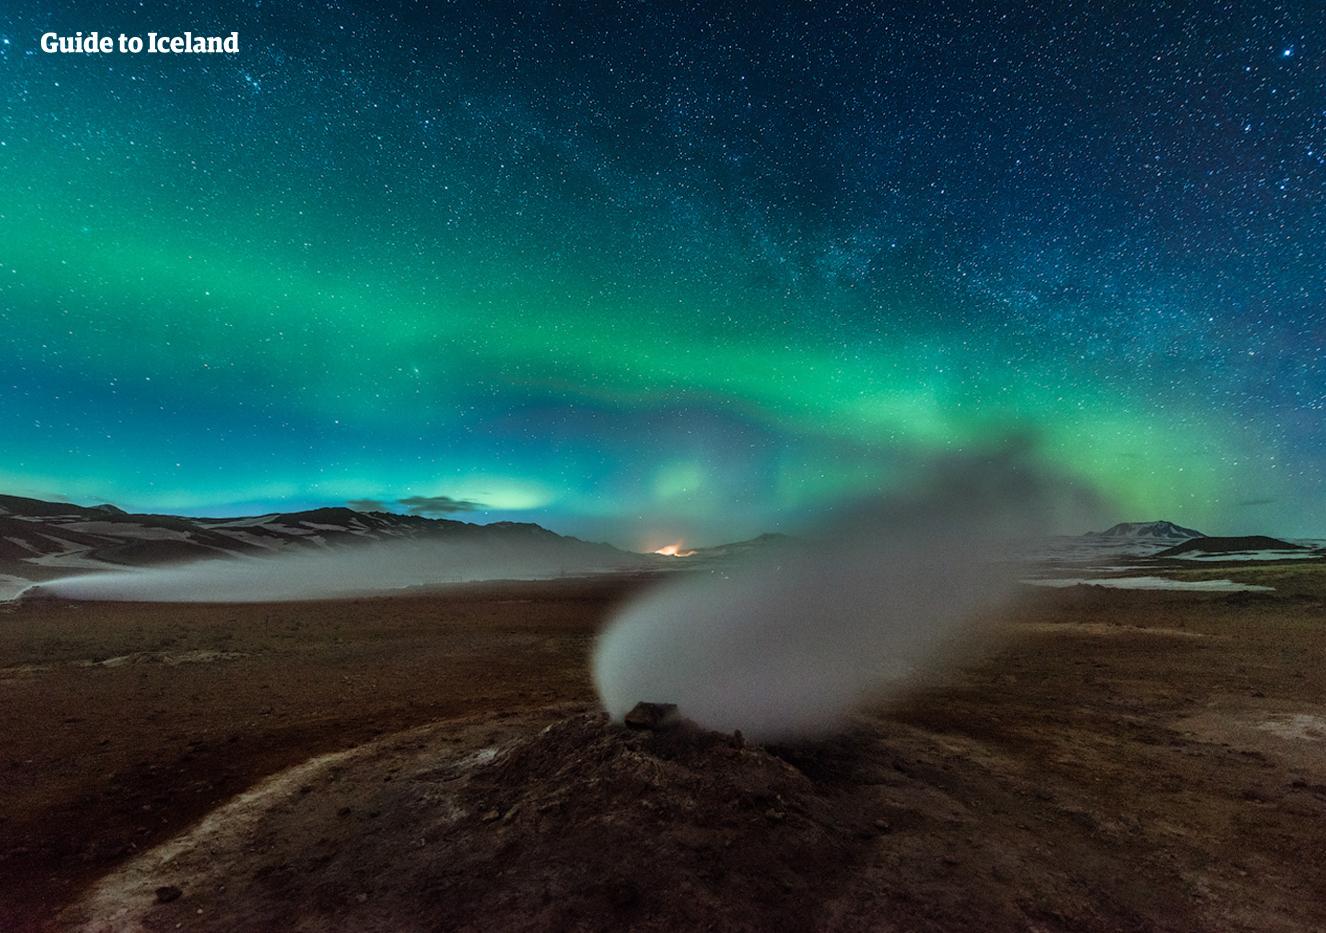 10-дневный зимний автотур | Вокруг Исландии под северным сиянием - day 6